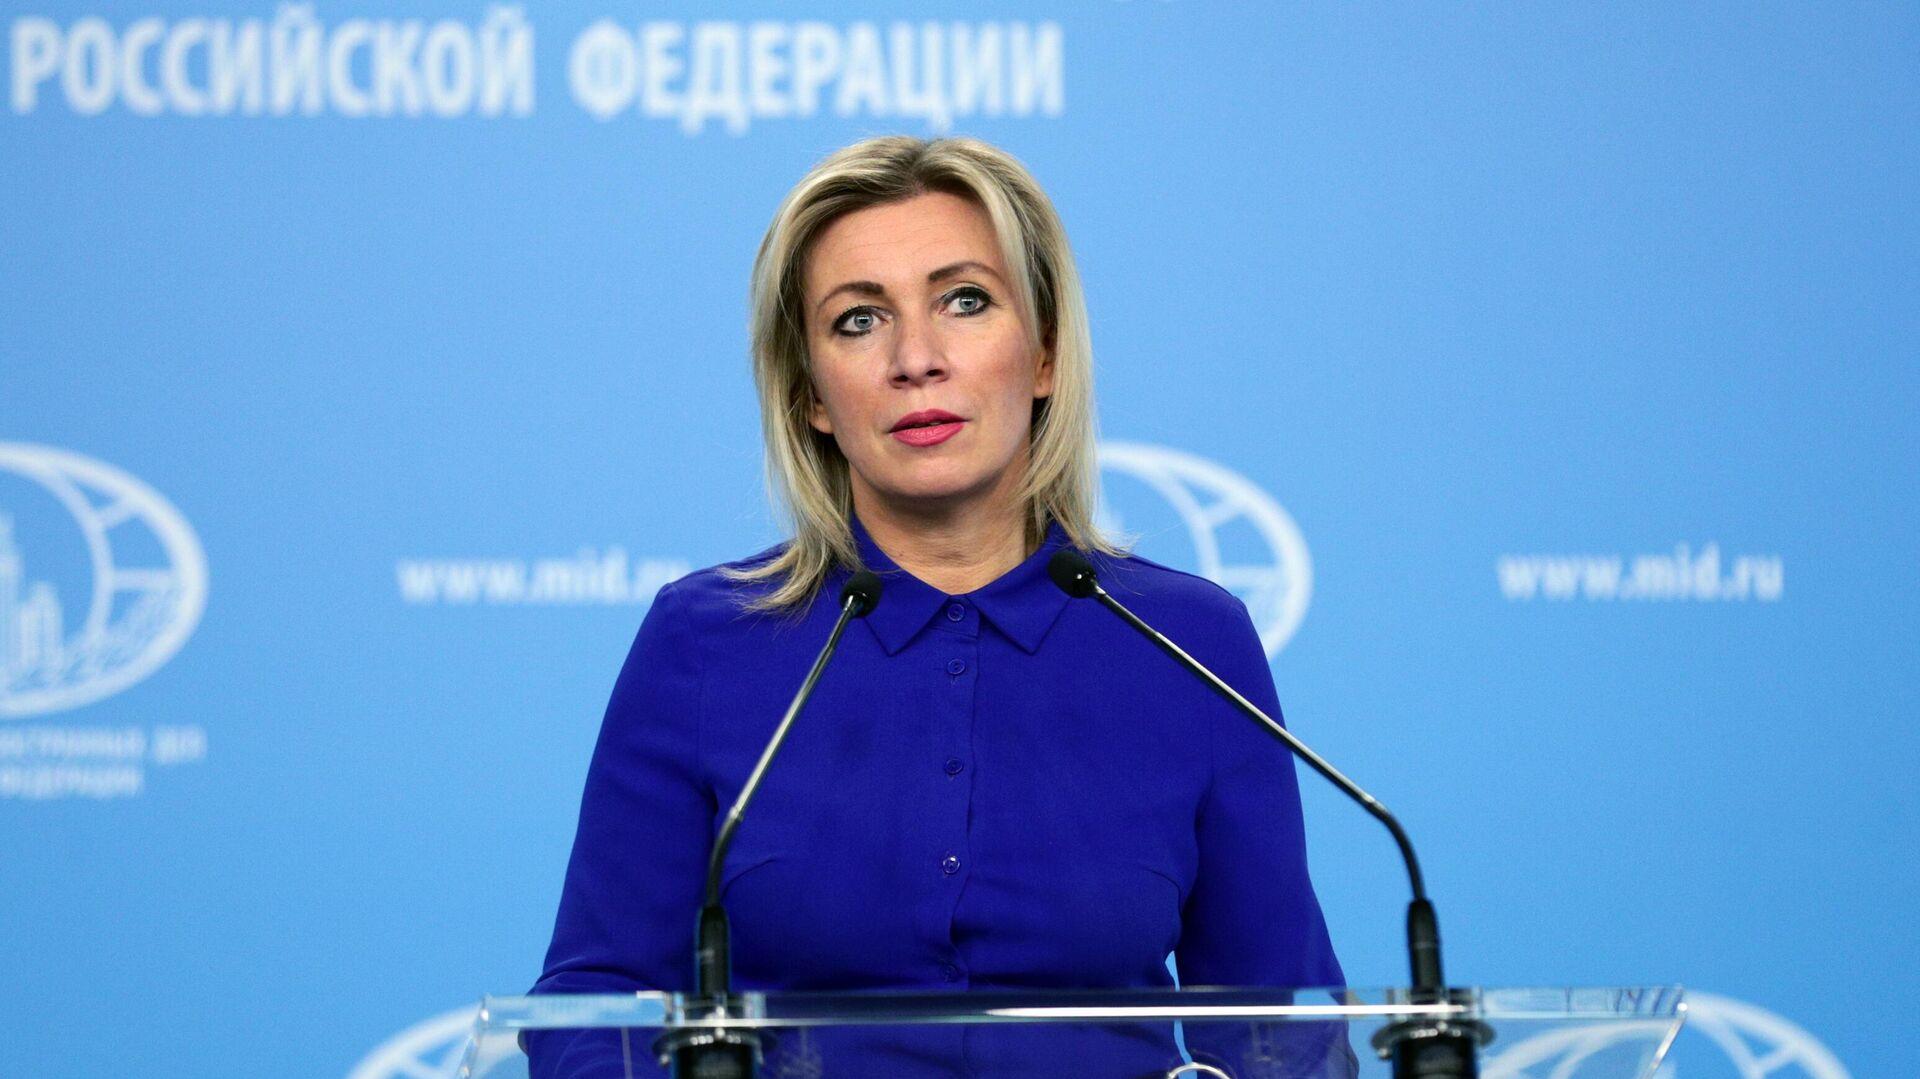 Спикер Рады раскритиковал указ Зеленского о санкциях